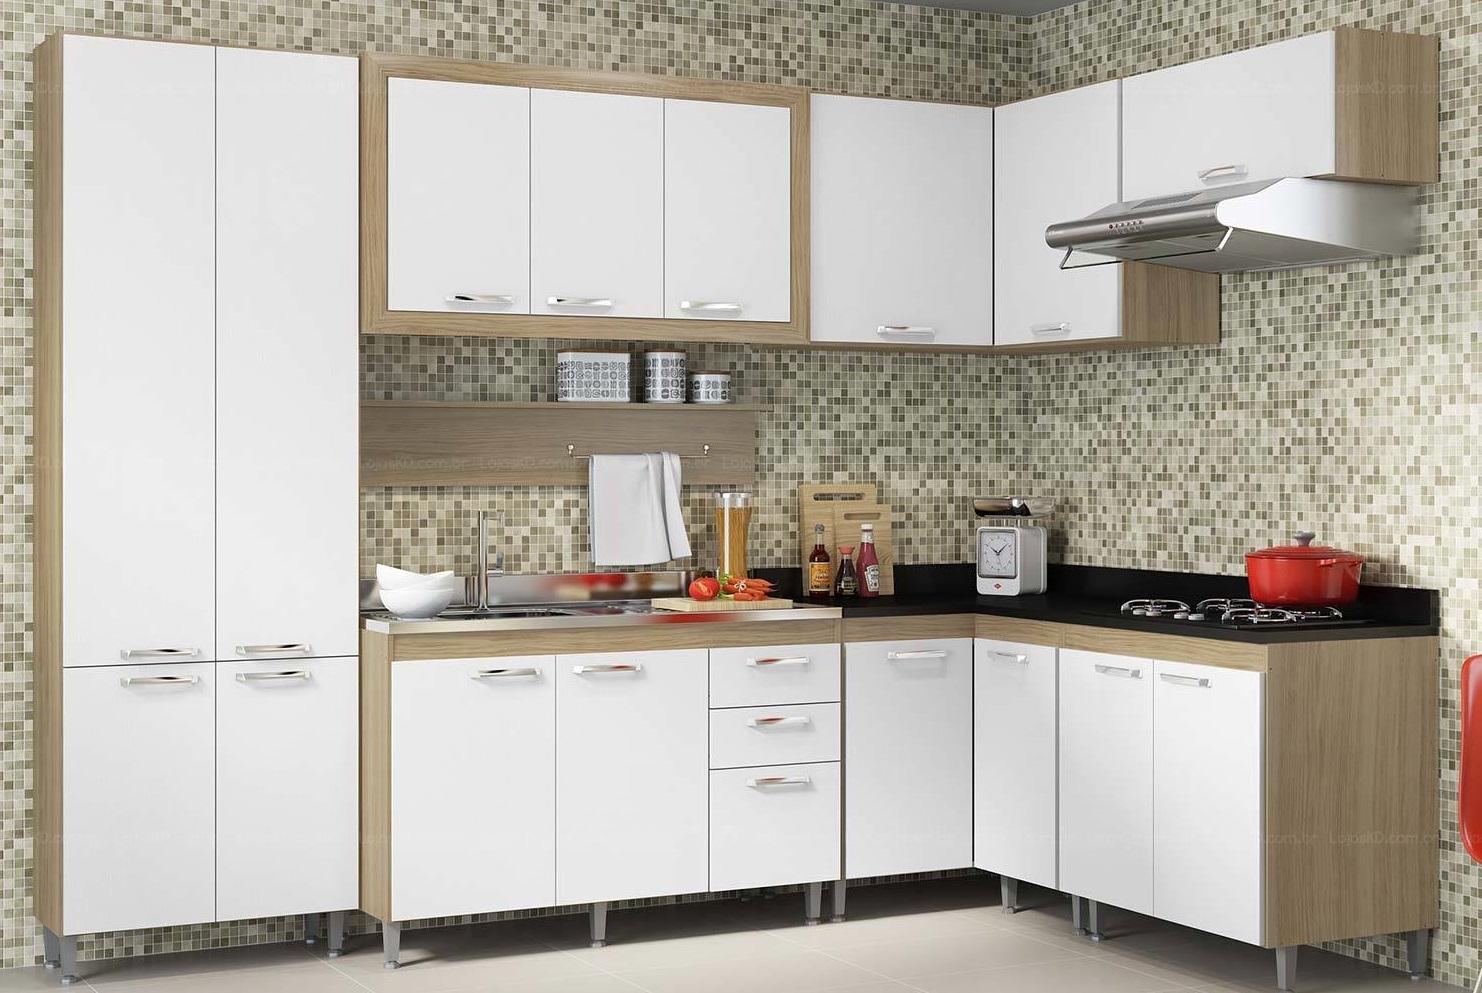 Cozinha Modulada Simples